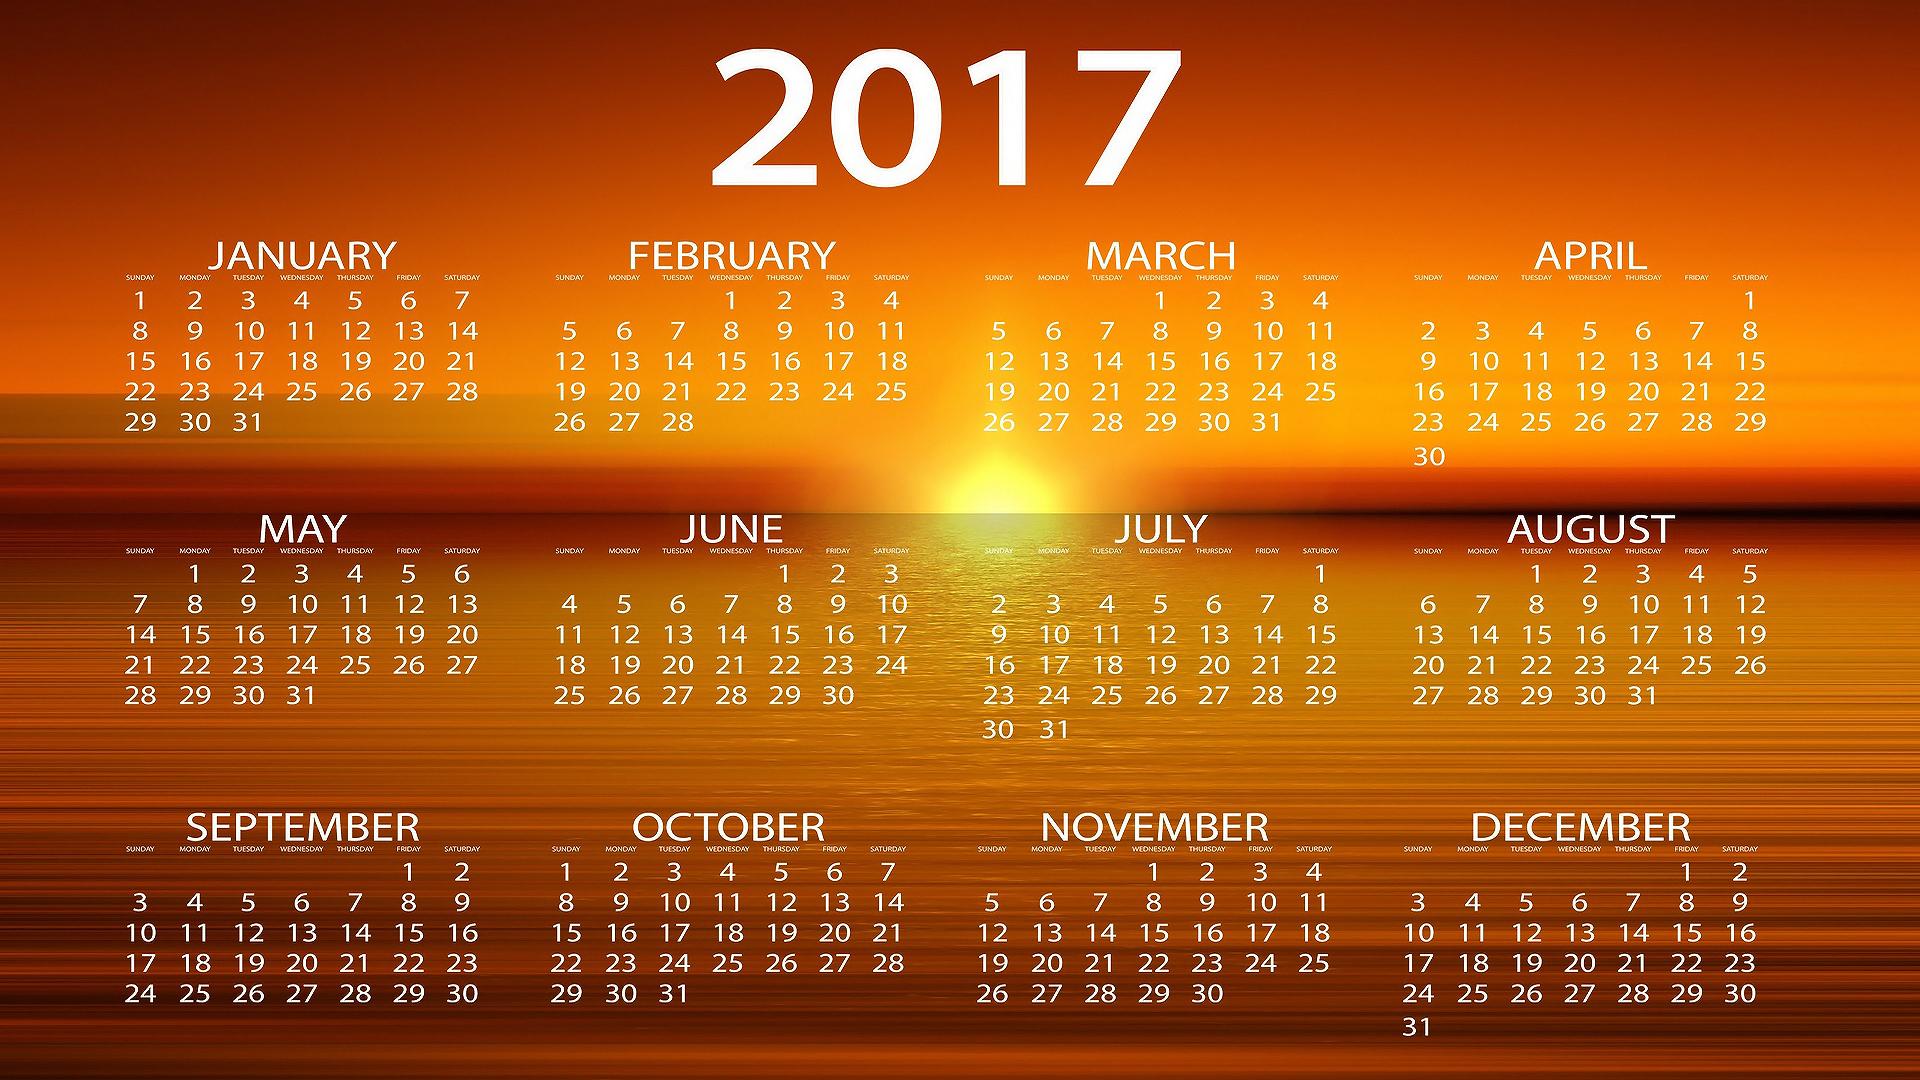 риолис обои на рабочий стол с календарем сентябрь 2017г № 228091 бесплатно